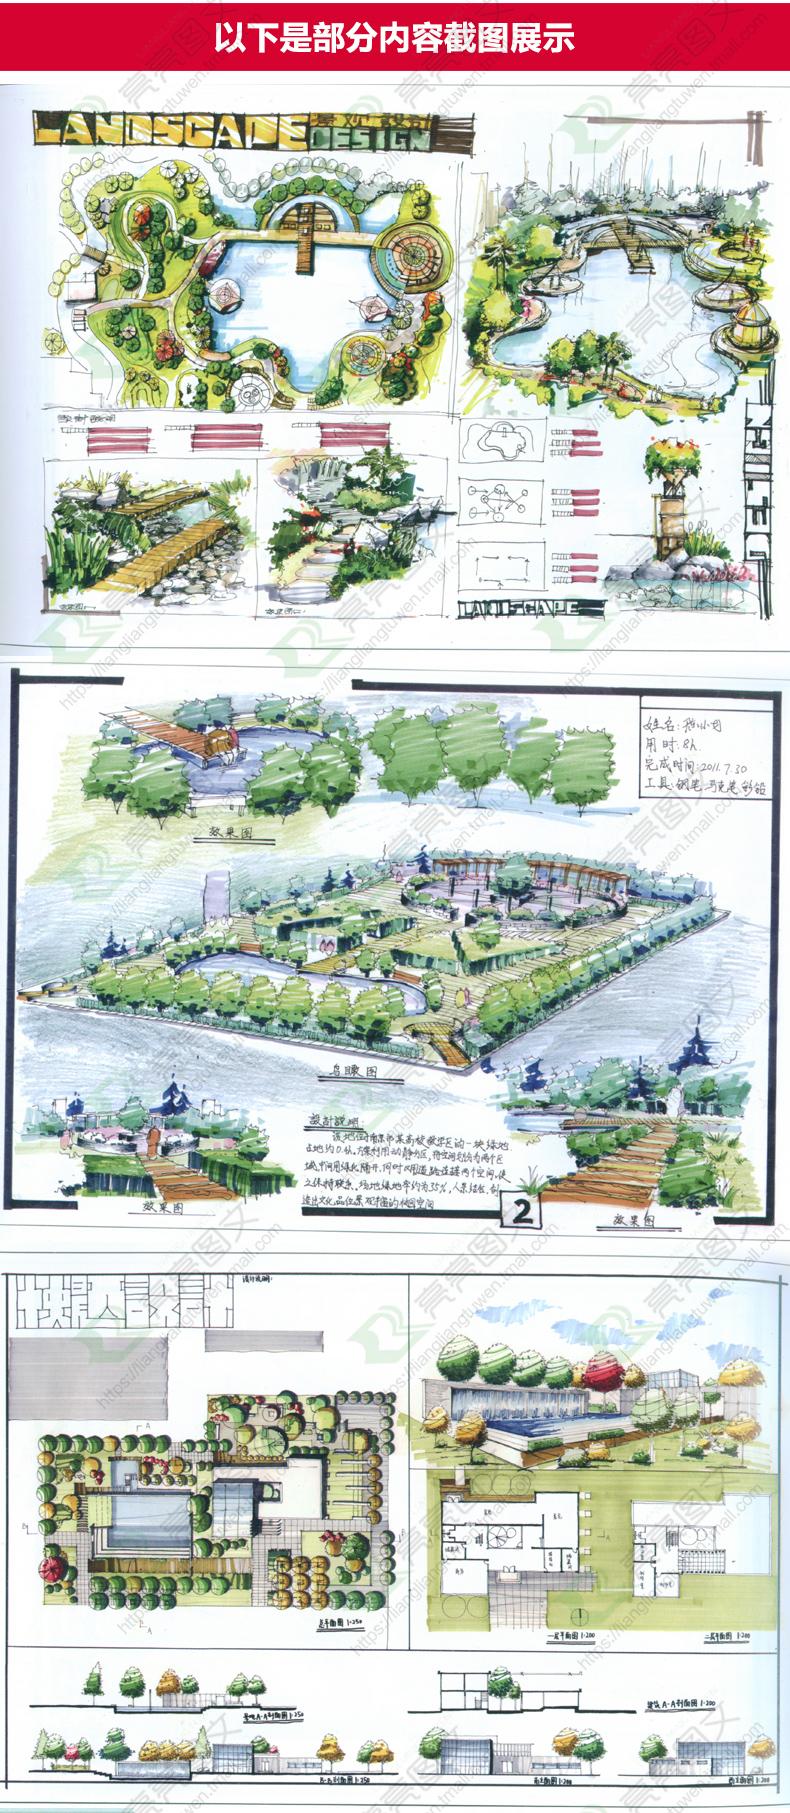 手绘快题设计方案效果图城市休闲广场/翠湖公园/绿地规划滨水景观